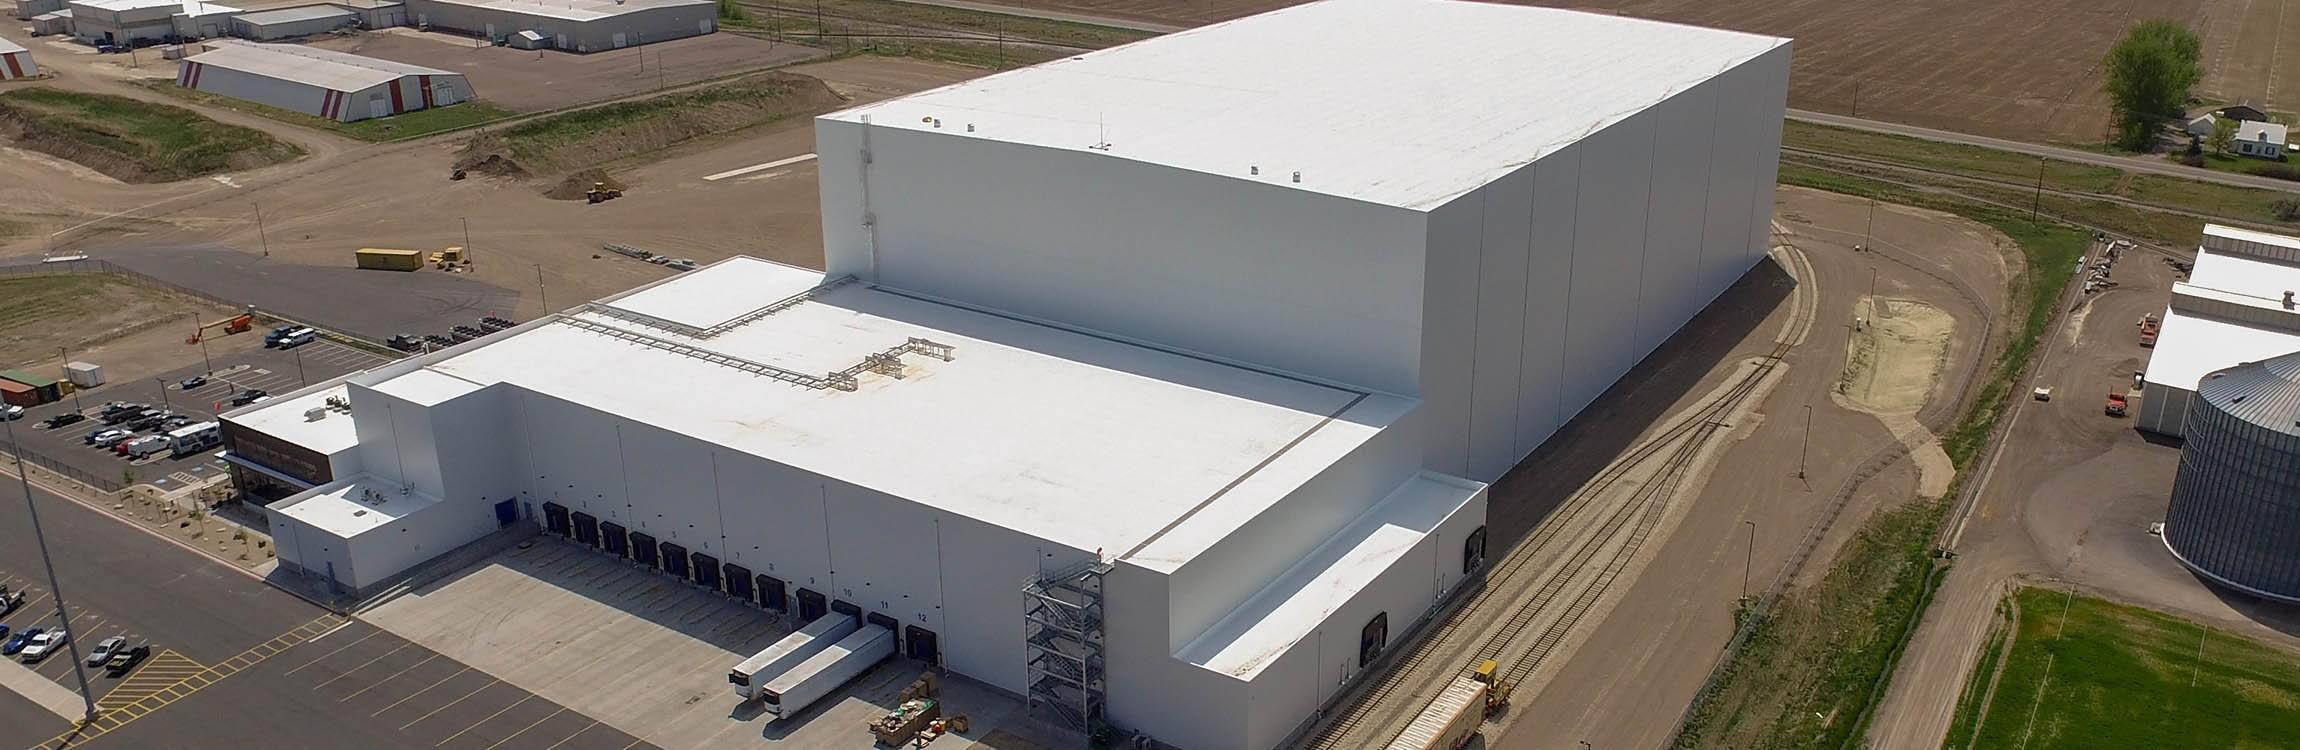 NewCold Warehouse für Tiefkühl Intralogistik.